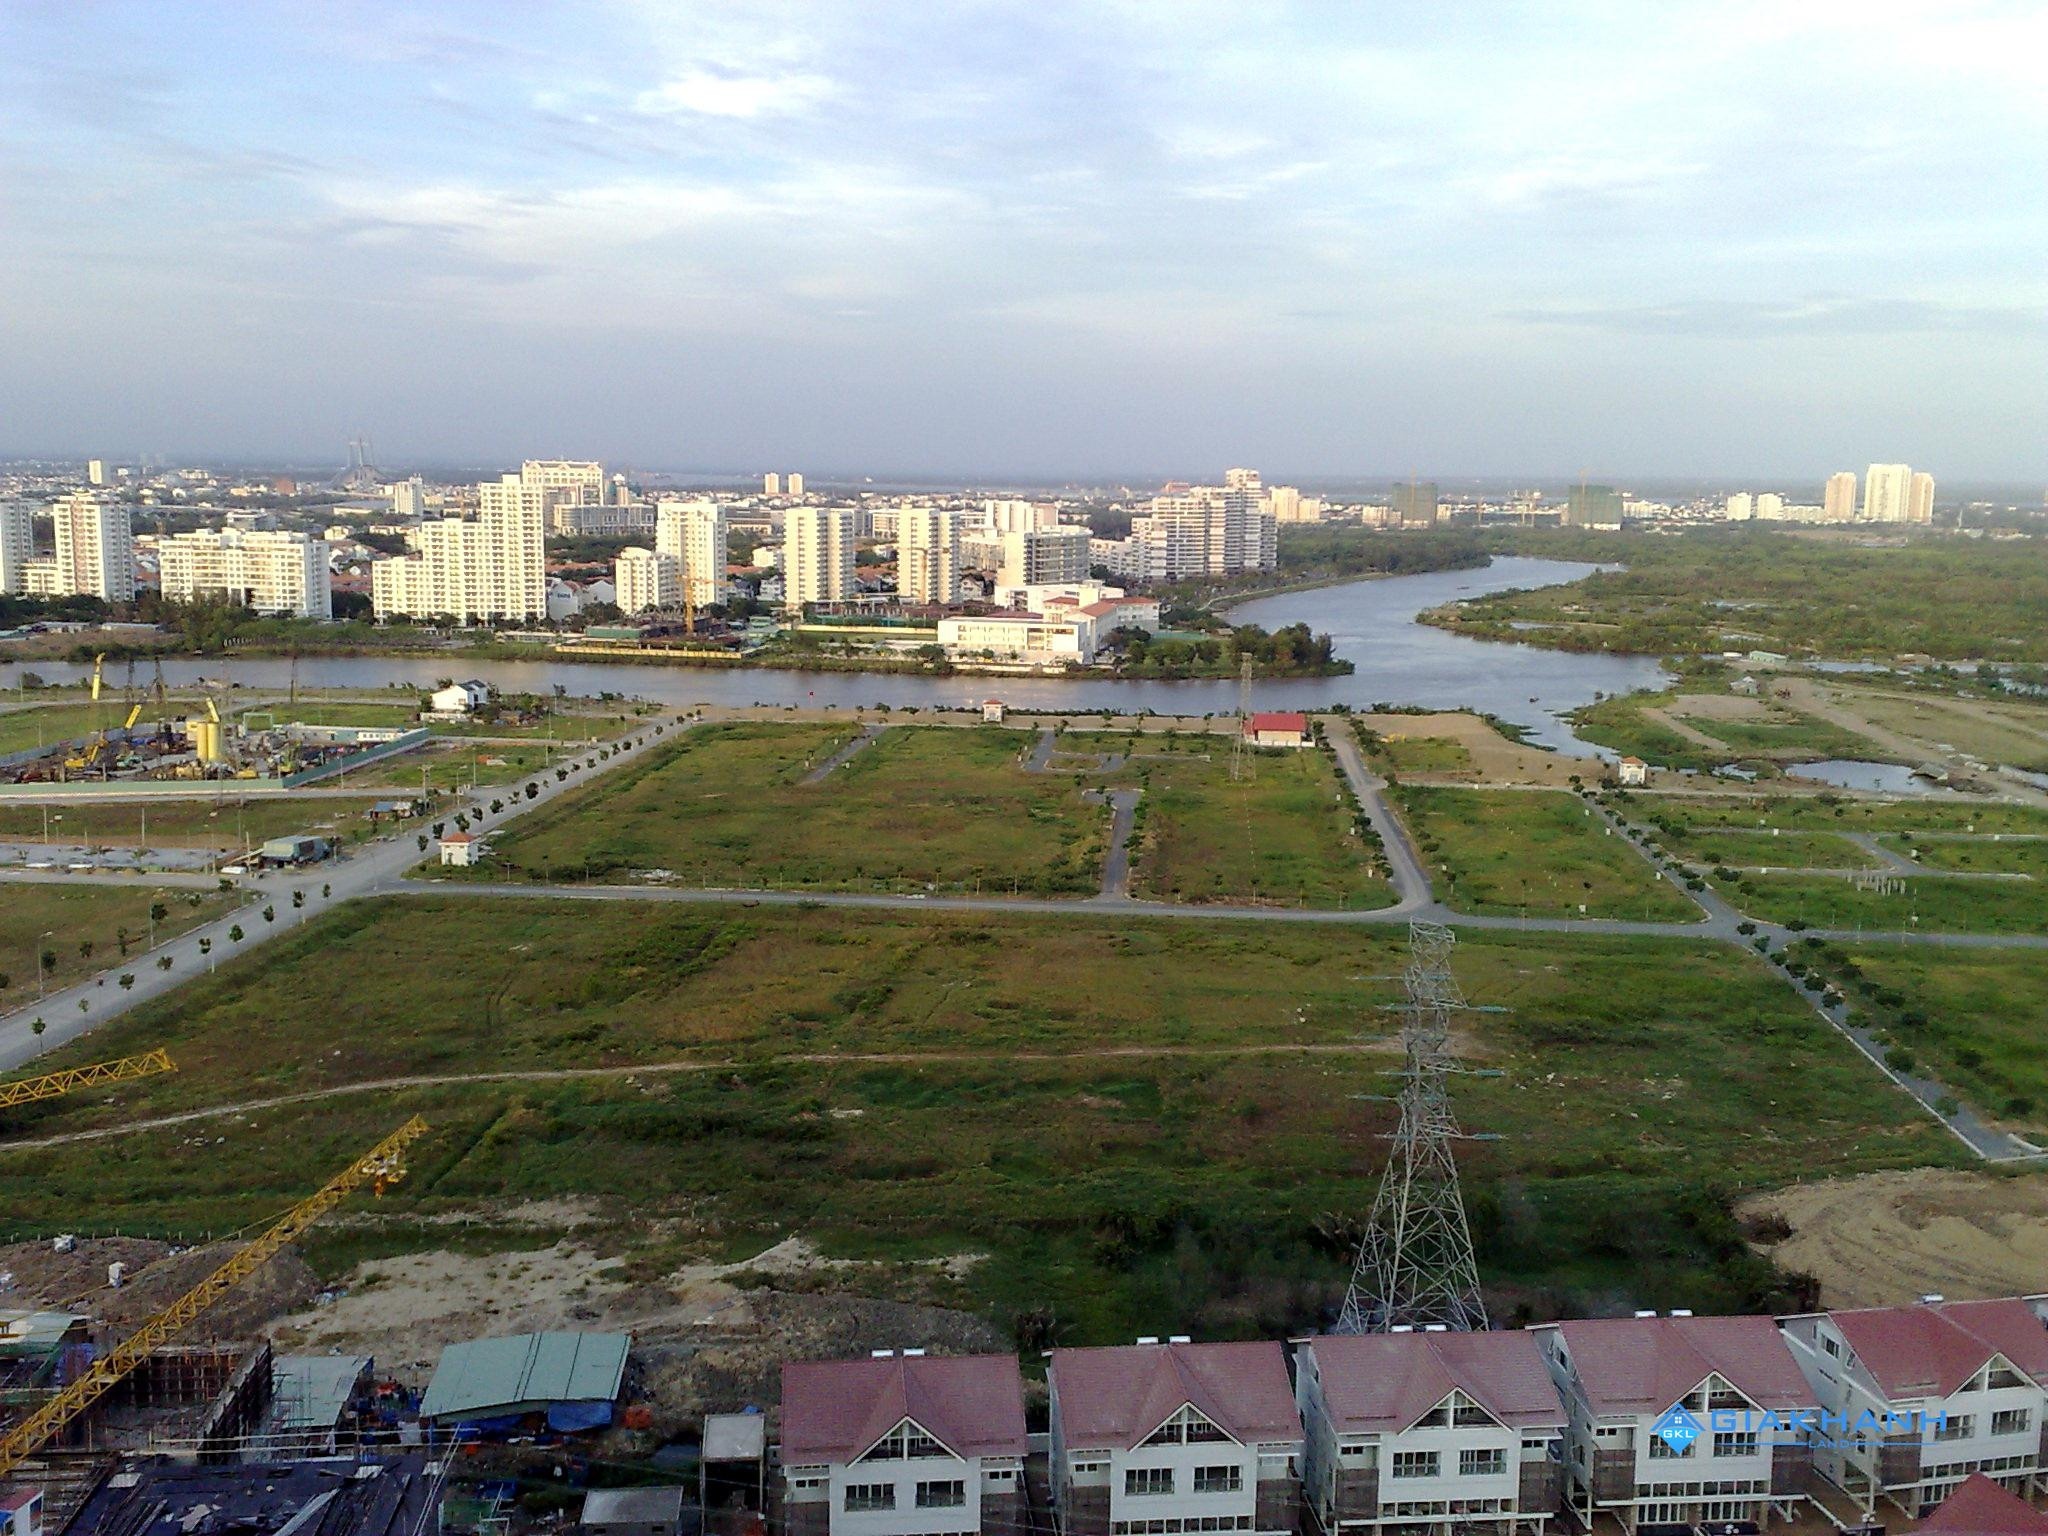 kinh nghiệm mua nhà đất không thể bỏ qua